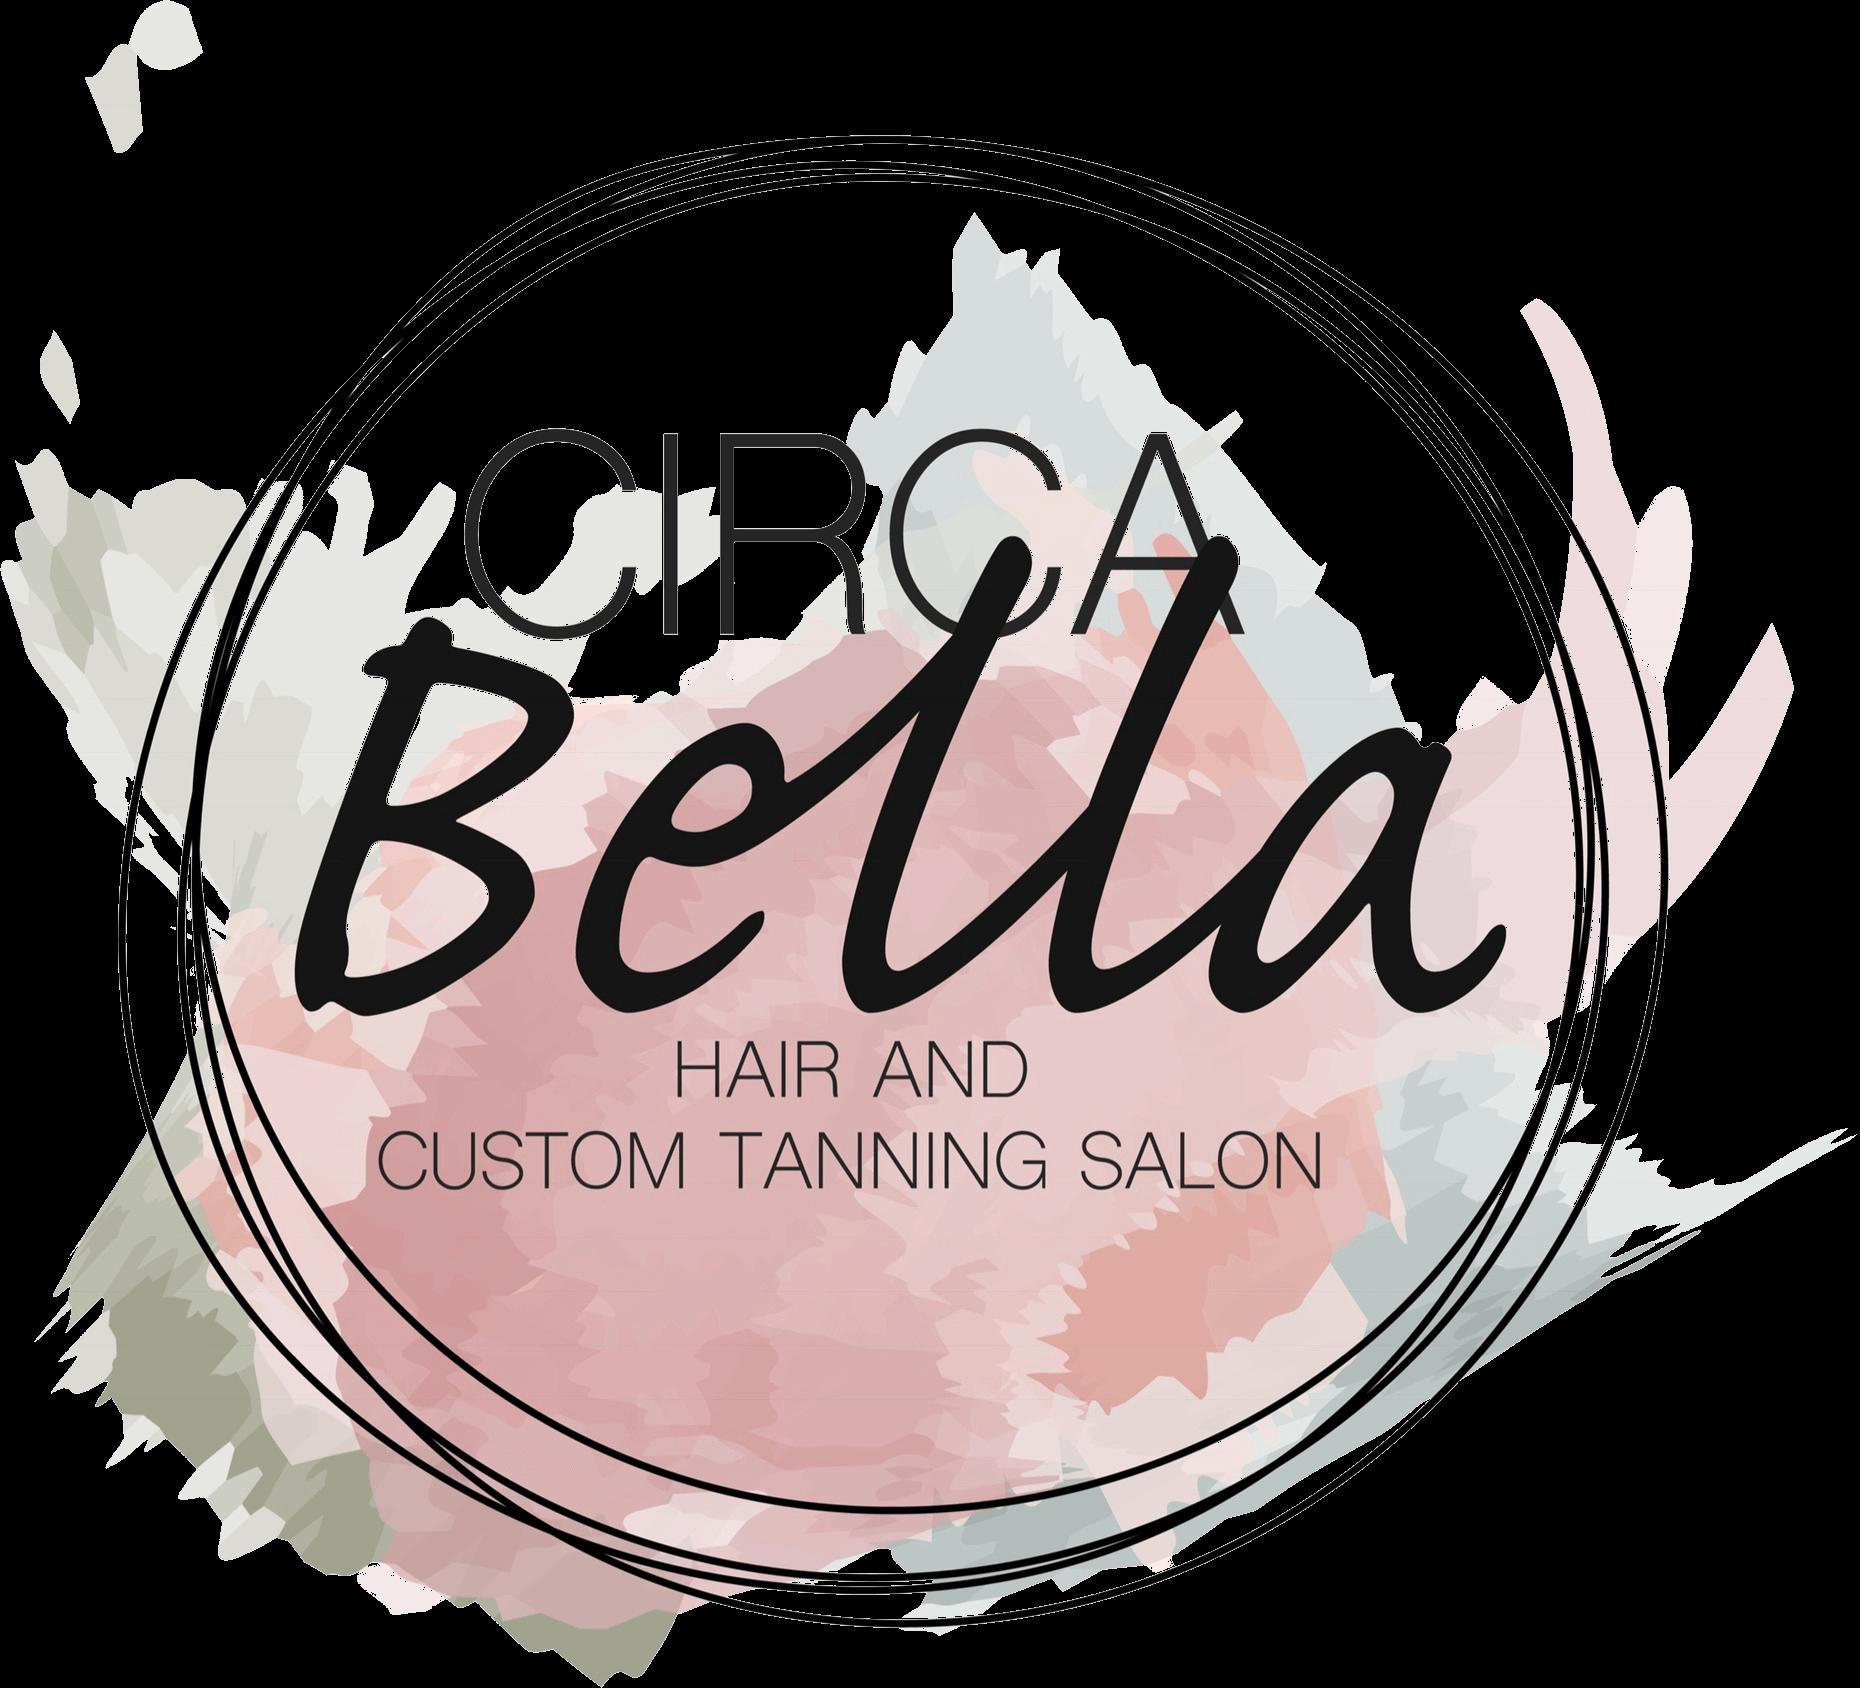 Circa Bella Hair Salon and Tanning Studio, Middleton, WI